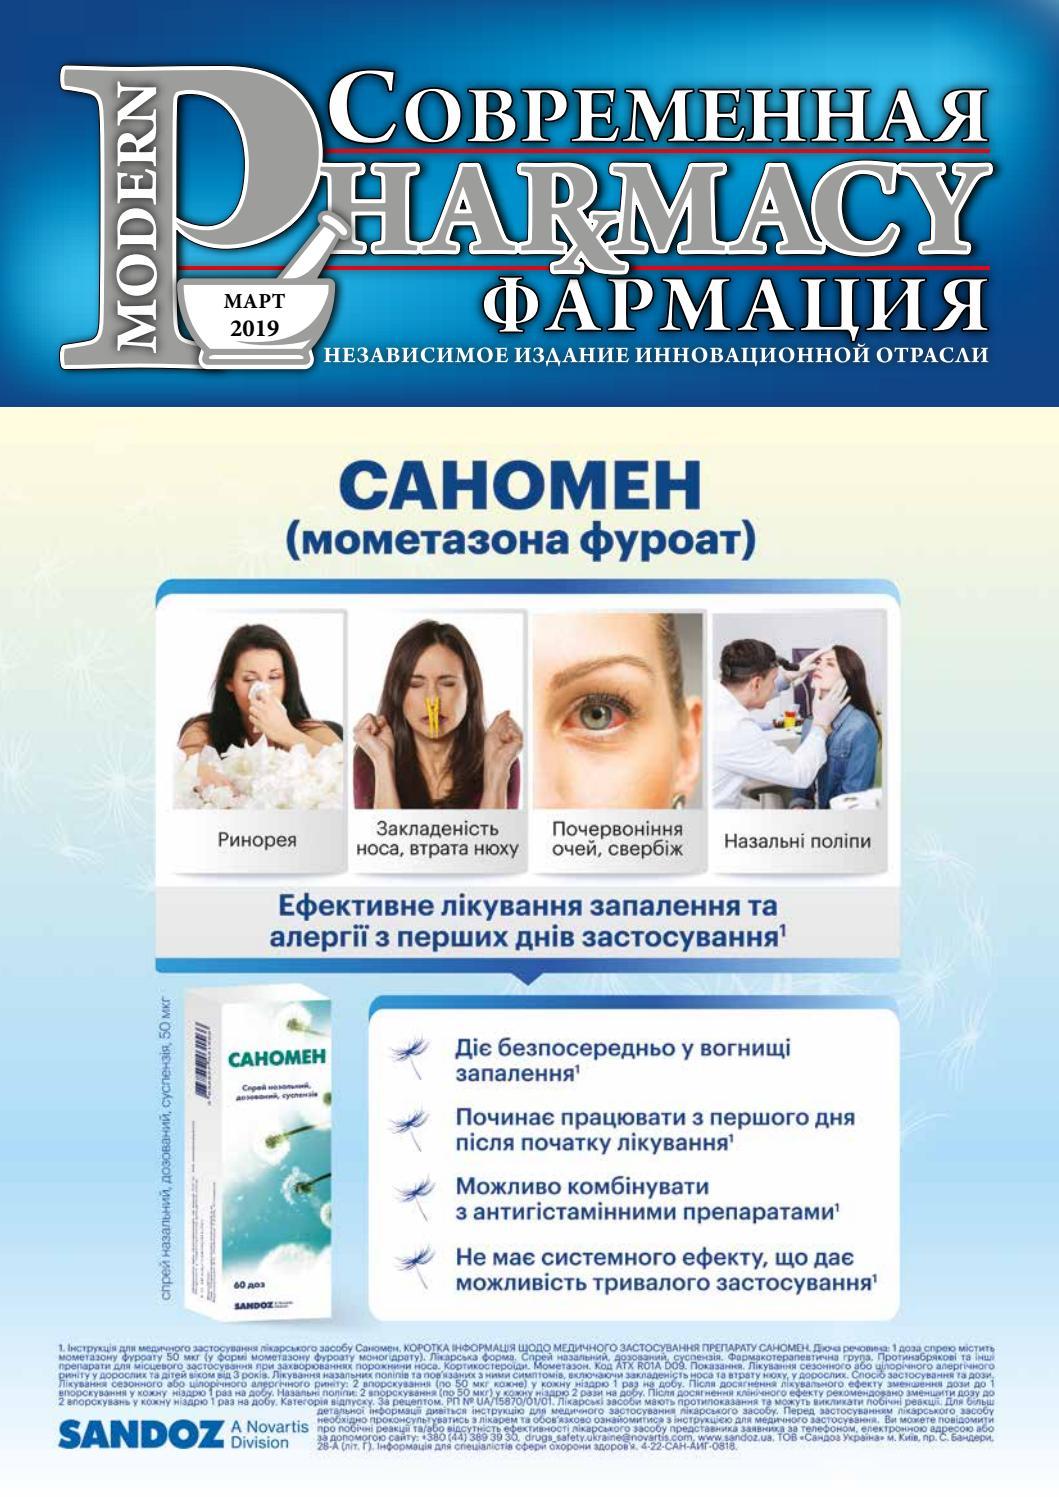 26071 Визначення експресії генів, пов'язаних із запаленням, поліпшить лікування депресії